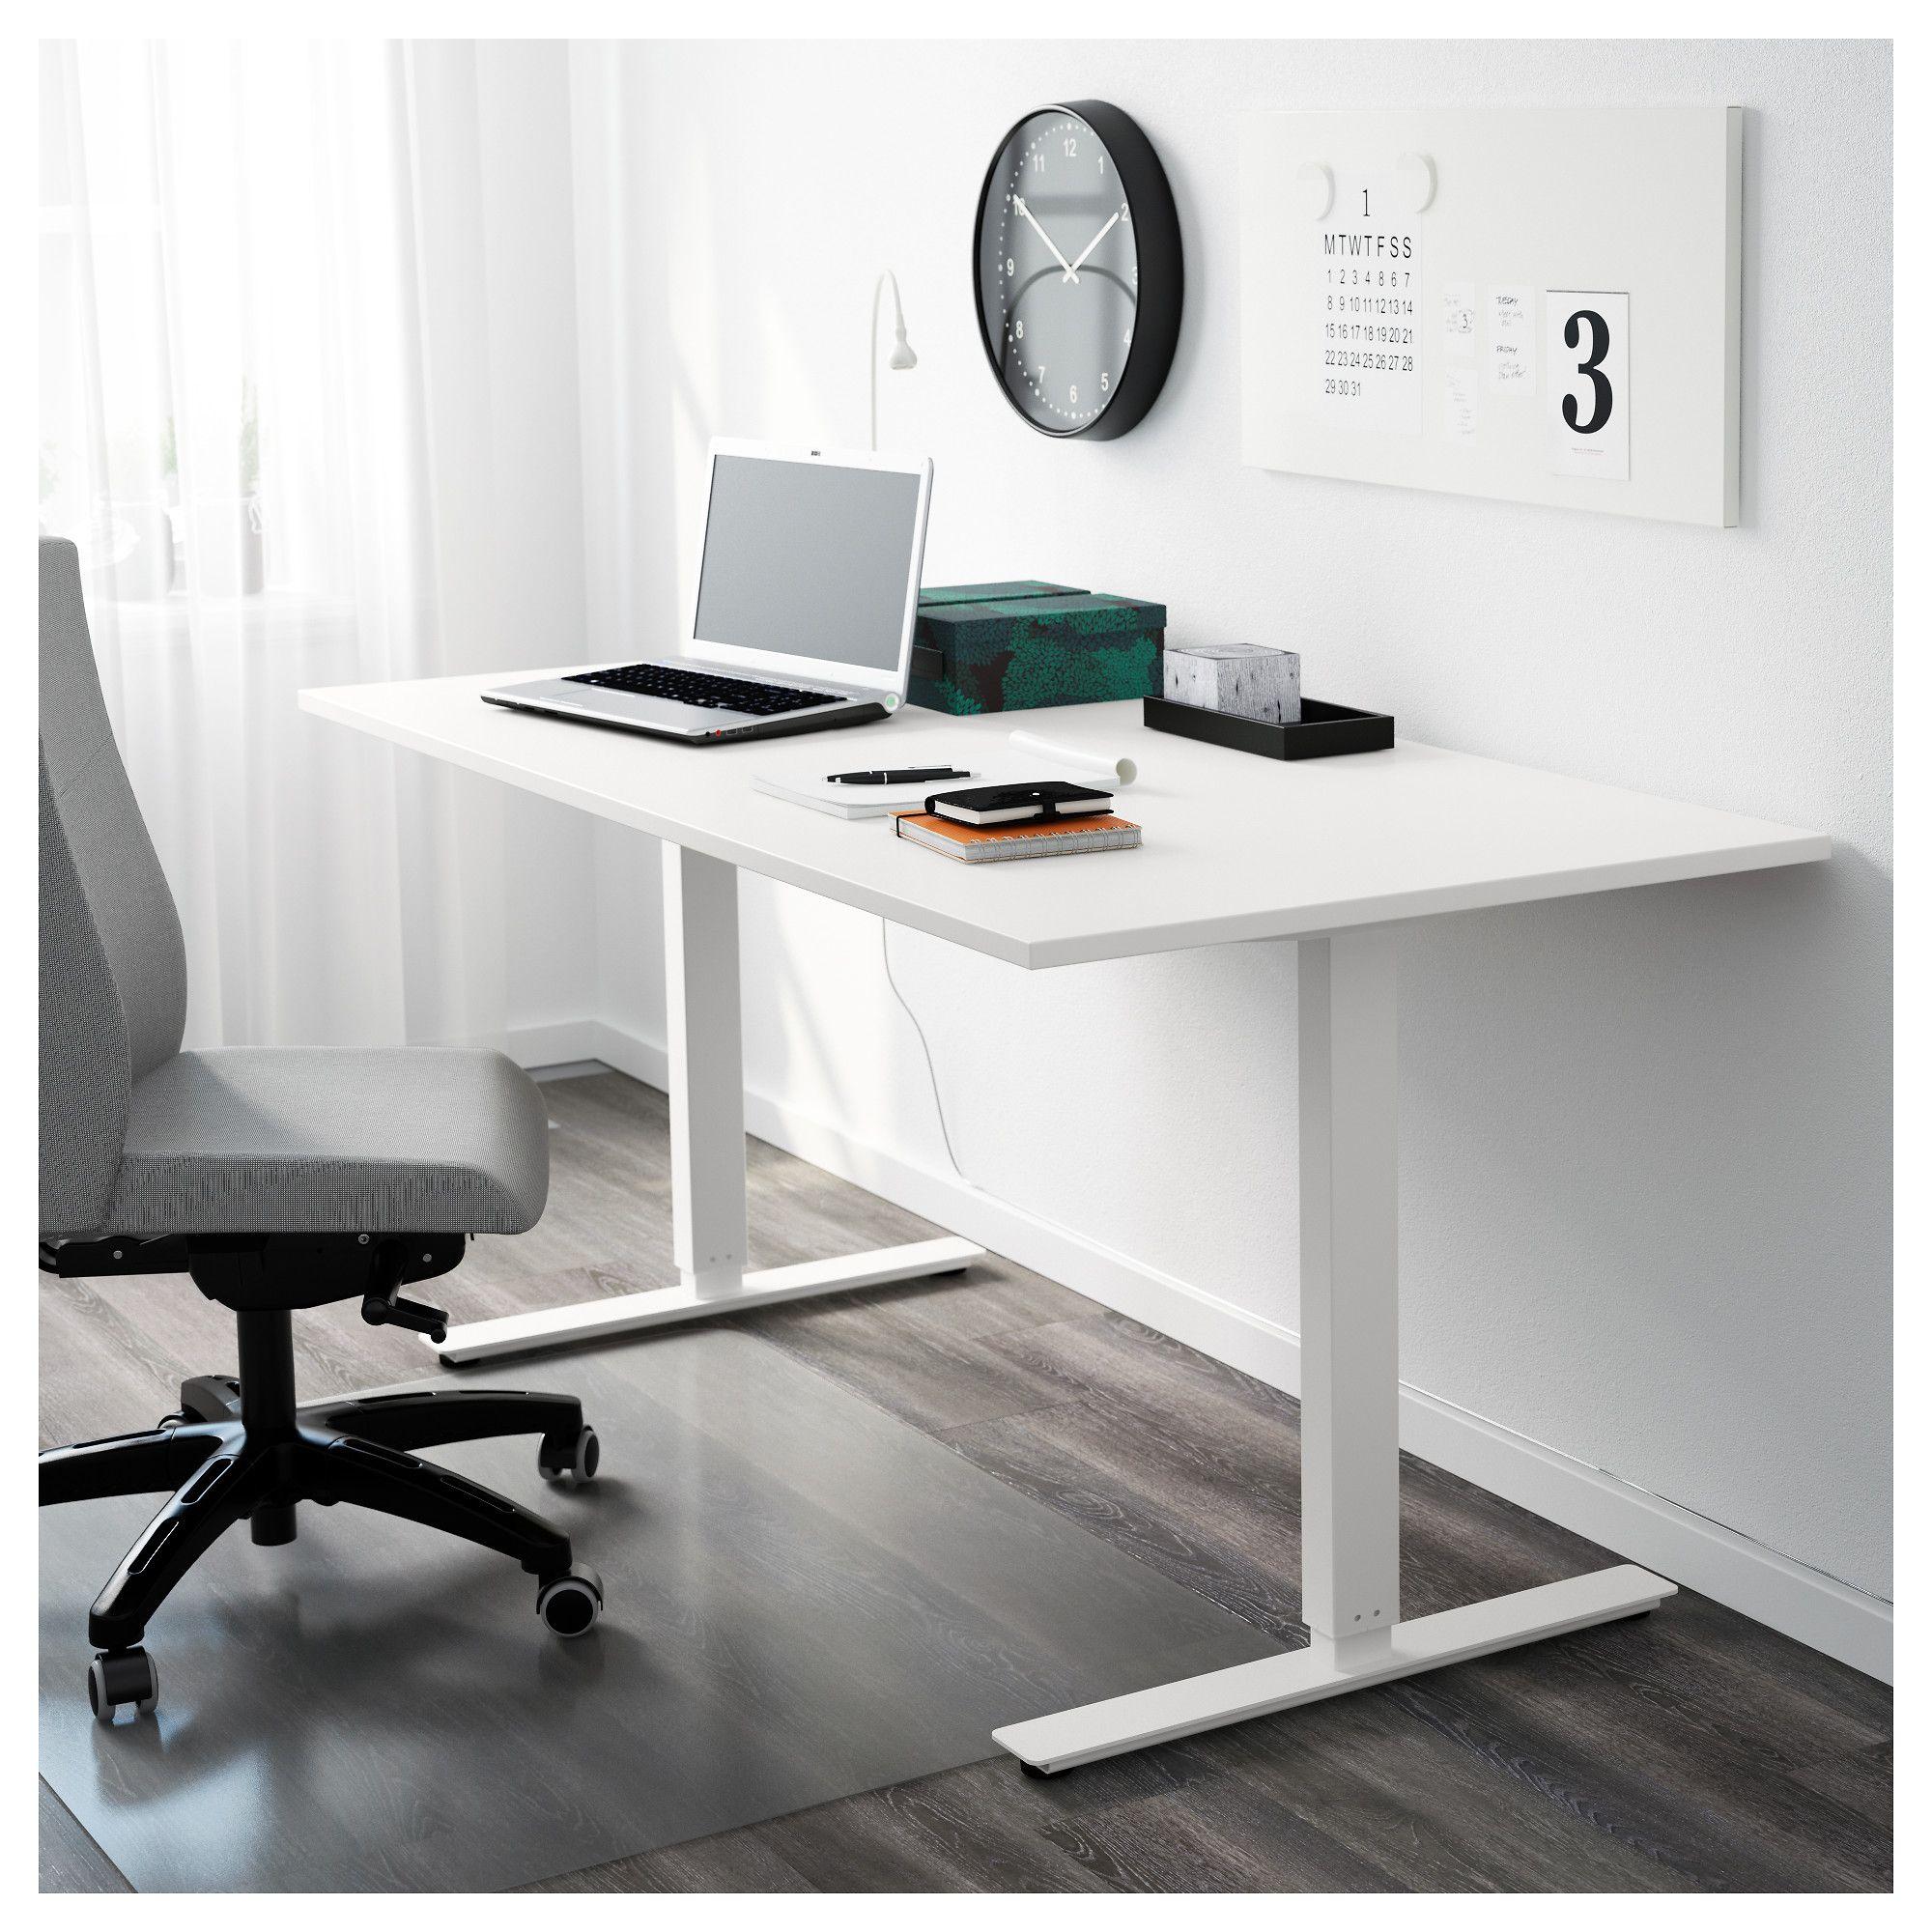 Ikea Zit Sta Bureau.Skarsta Bureau Zit Sta Wit Furniture Mesas Con Ruedas